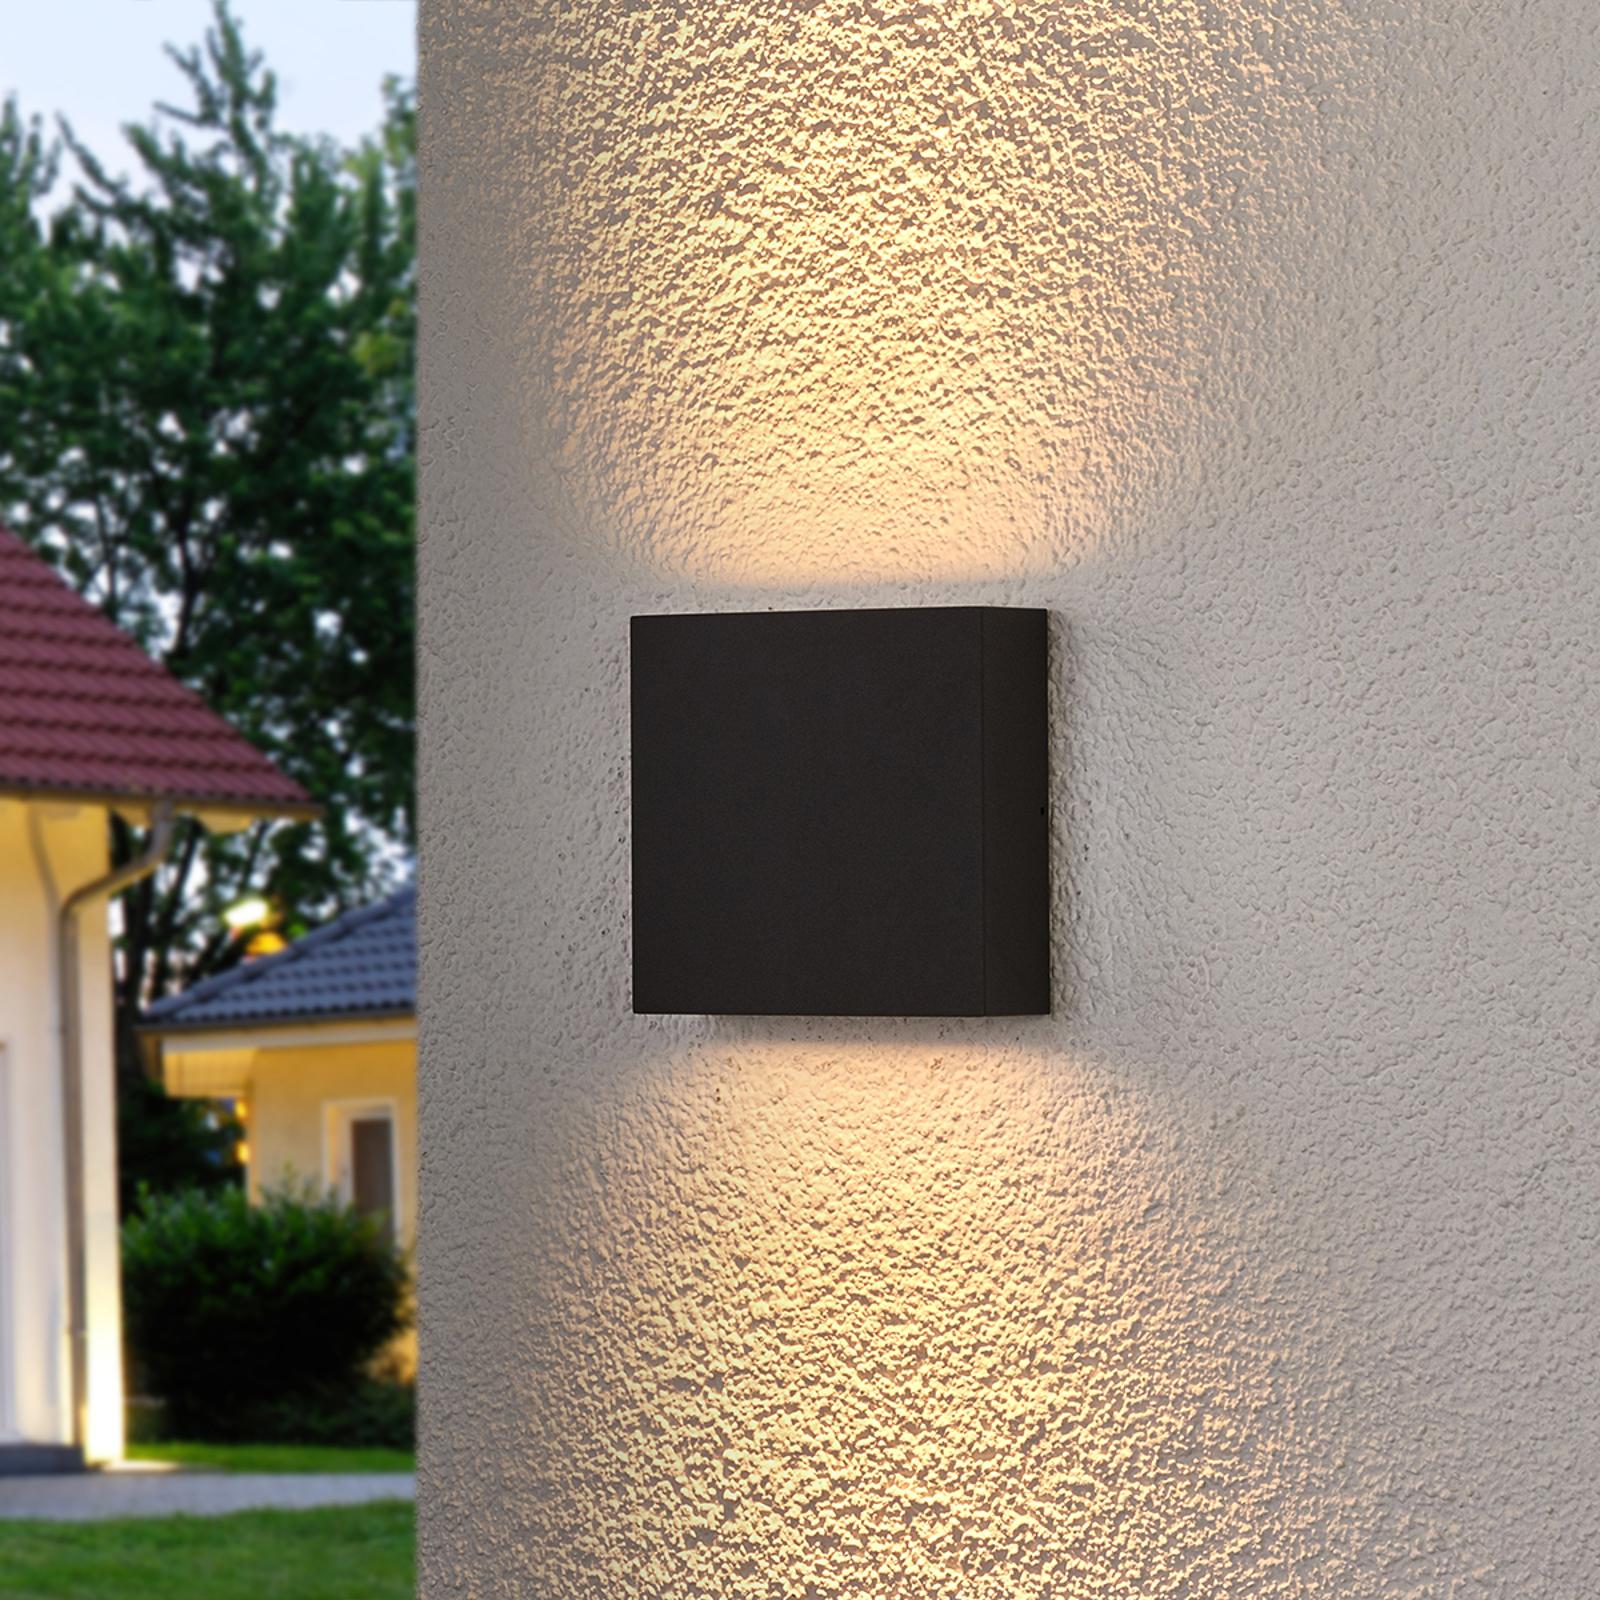 Firkantet LED-udendørsvæglampe Trixy i grafitgrå